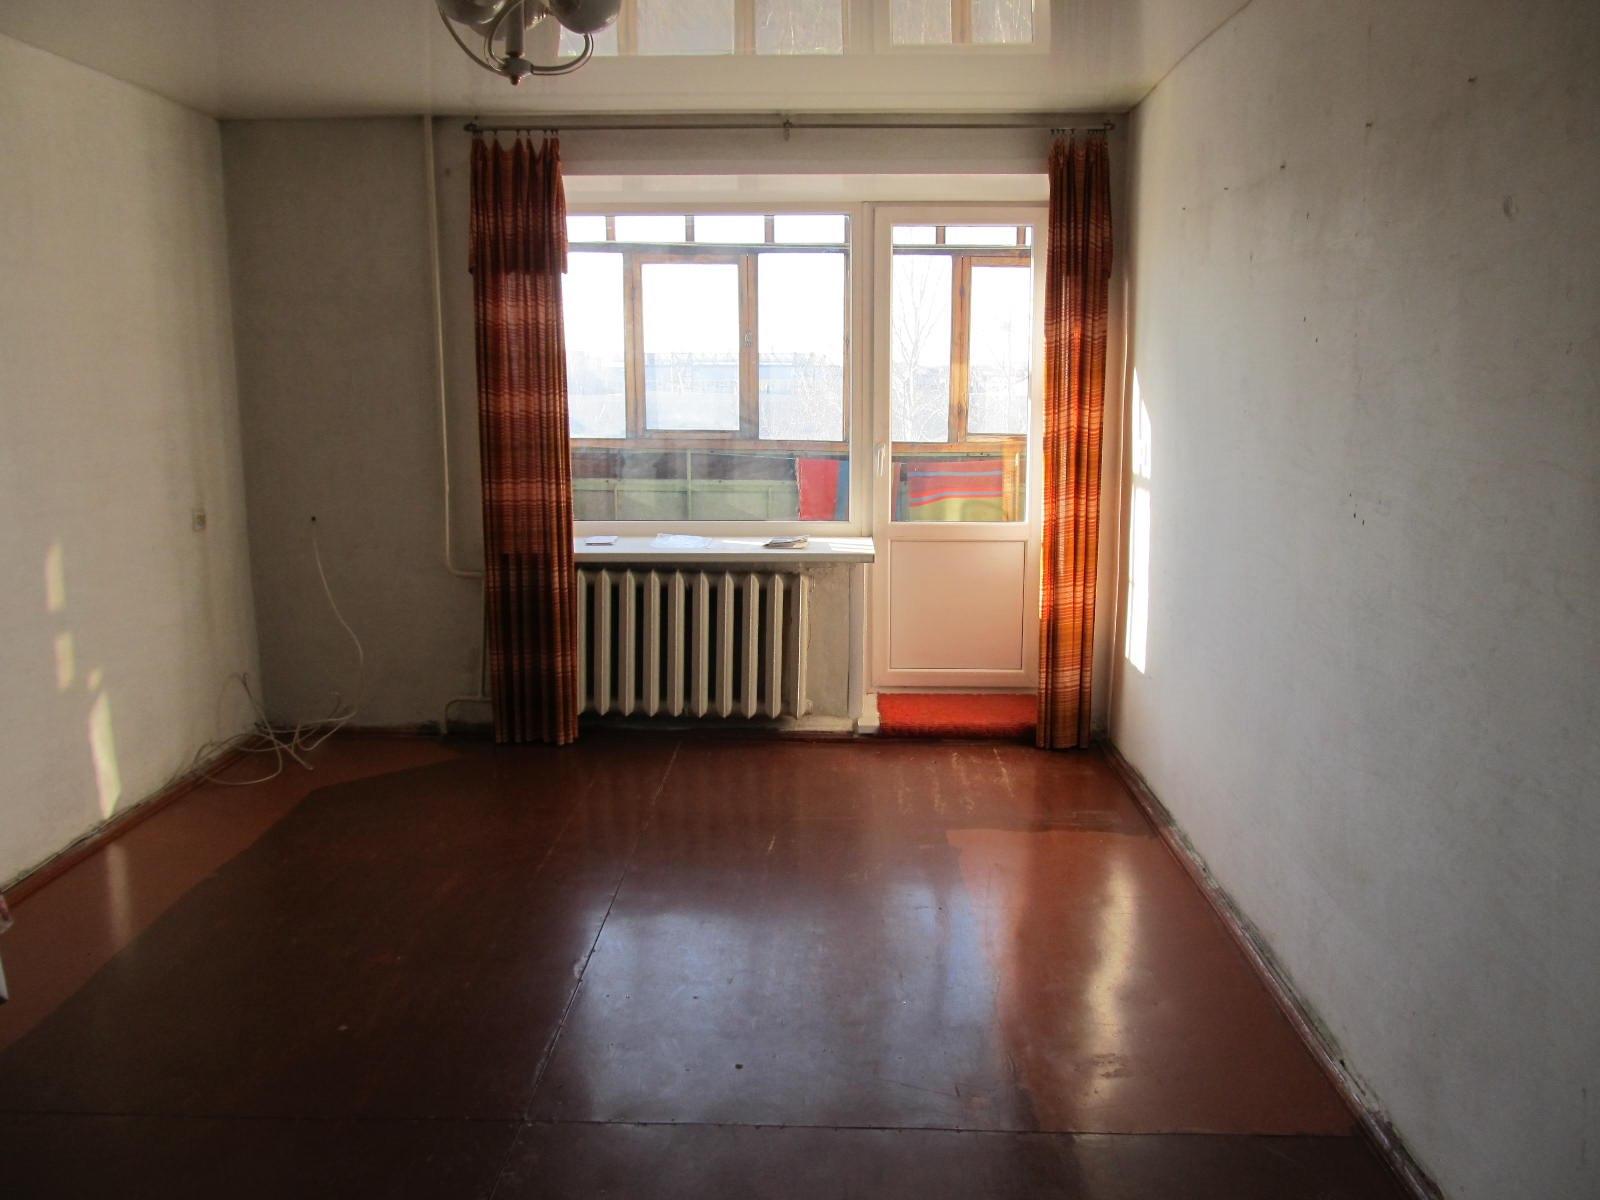 88543192db264 Купить квартиру на улице Достоевского, 72 в Кургане: объявления о ...